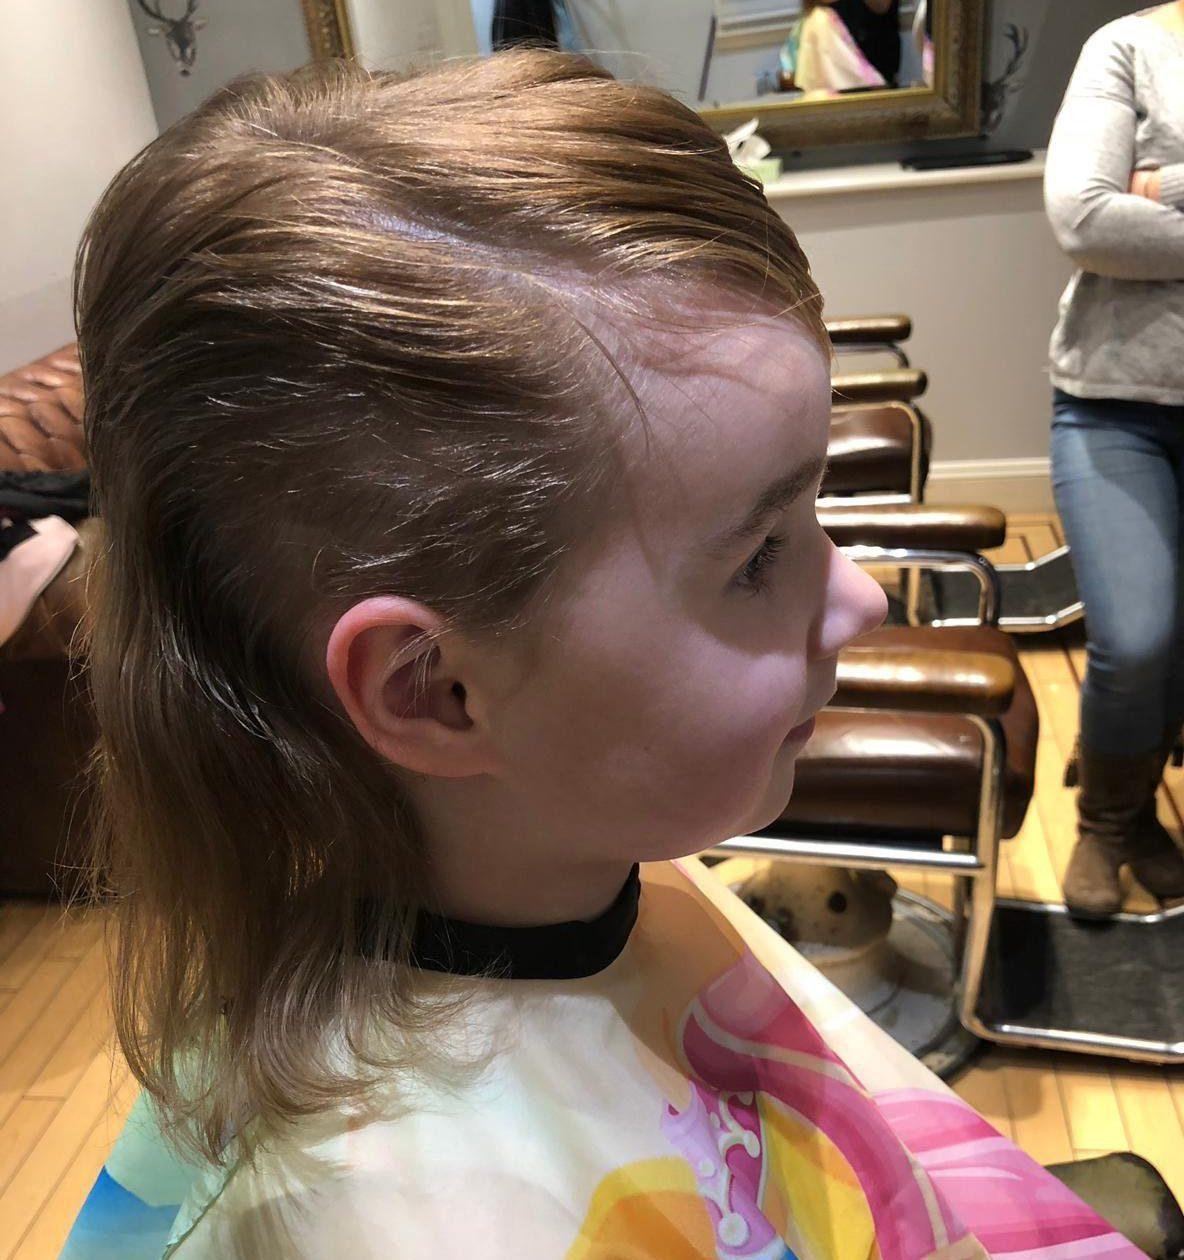 Momo駭進小豬佩奇卡通裡「叫女兒剪頭髮」 女兒後來說的話讓她不敢睡覺